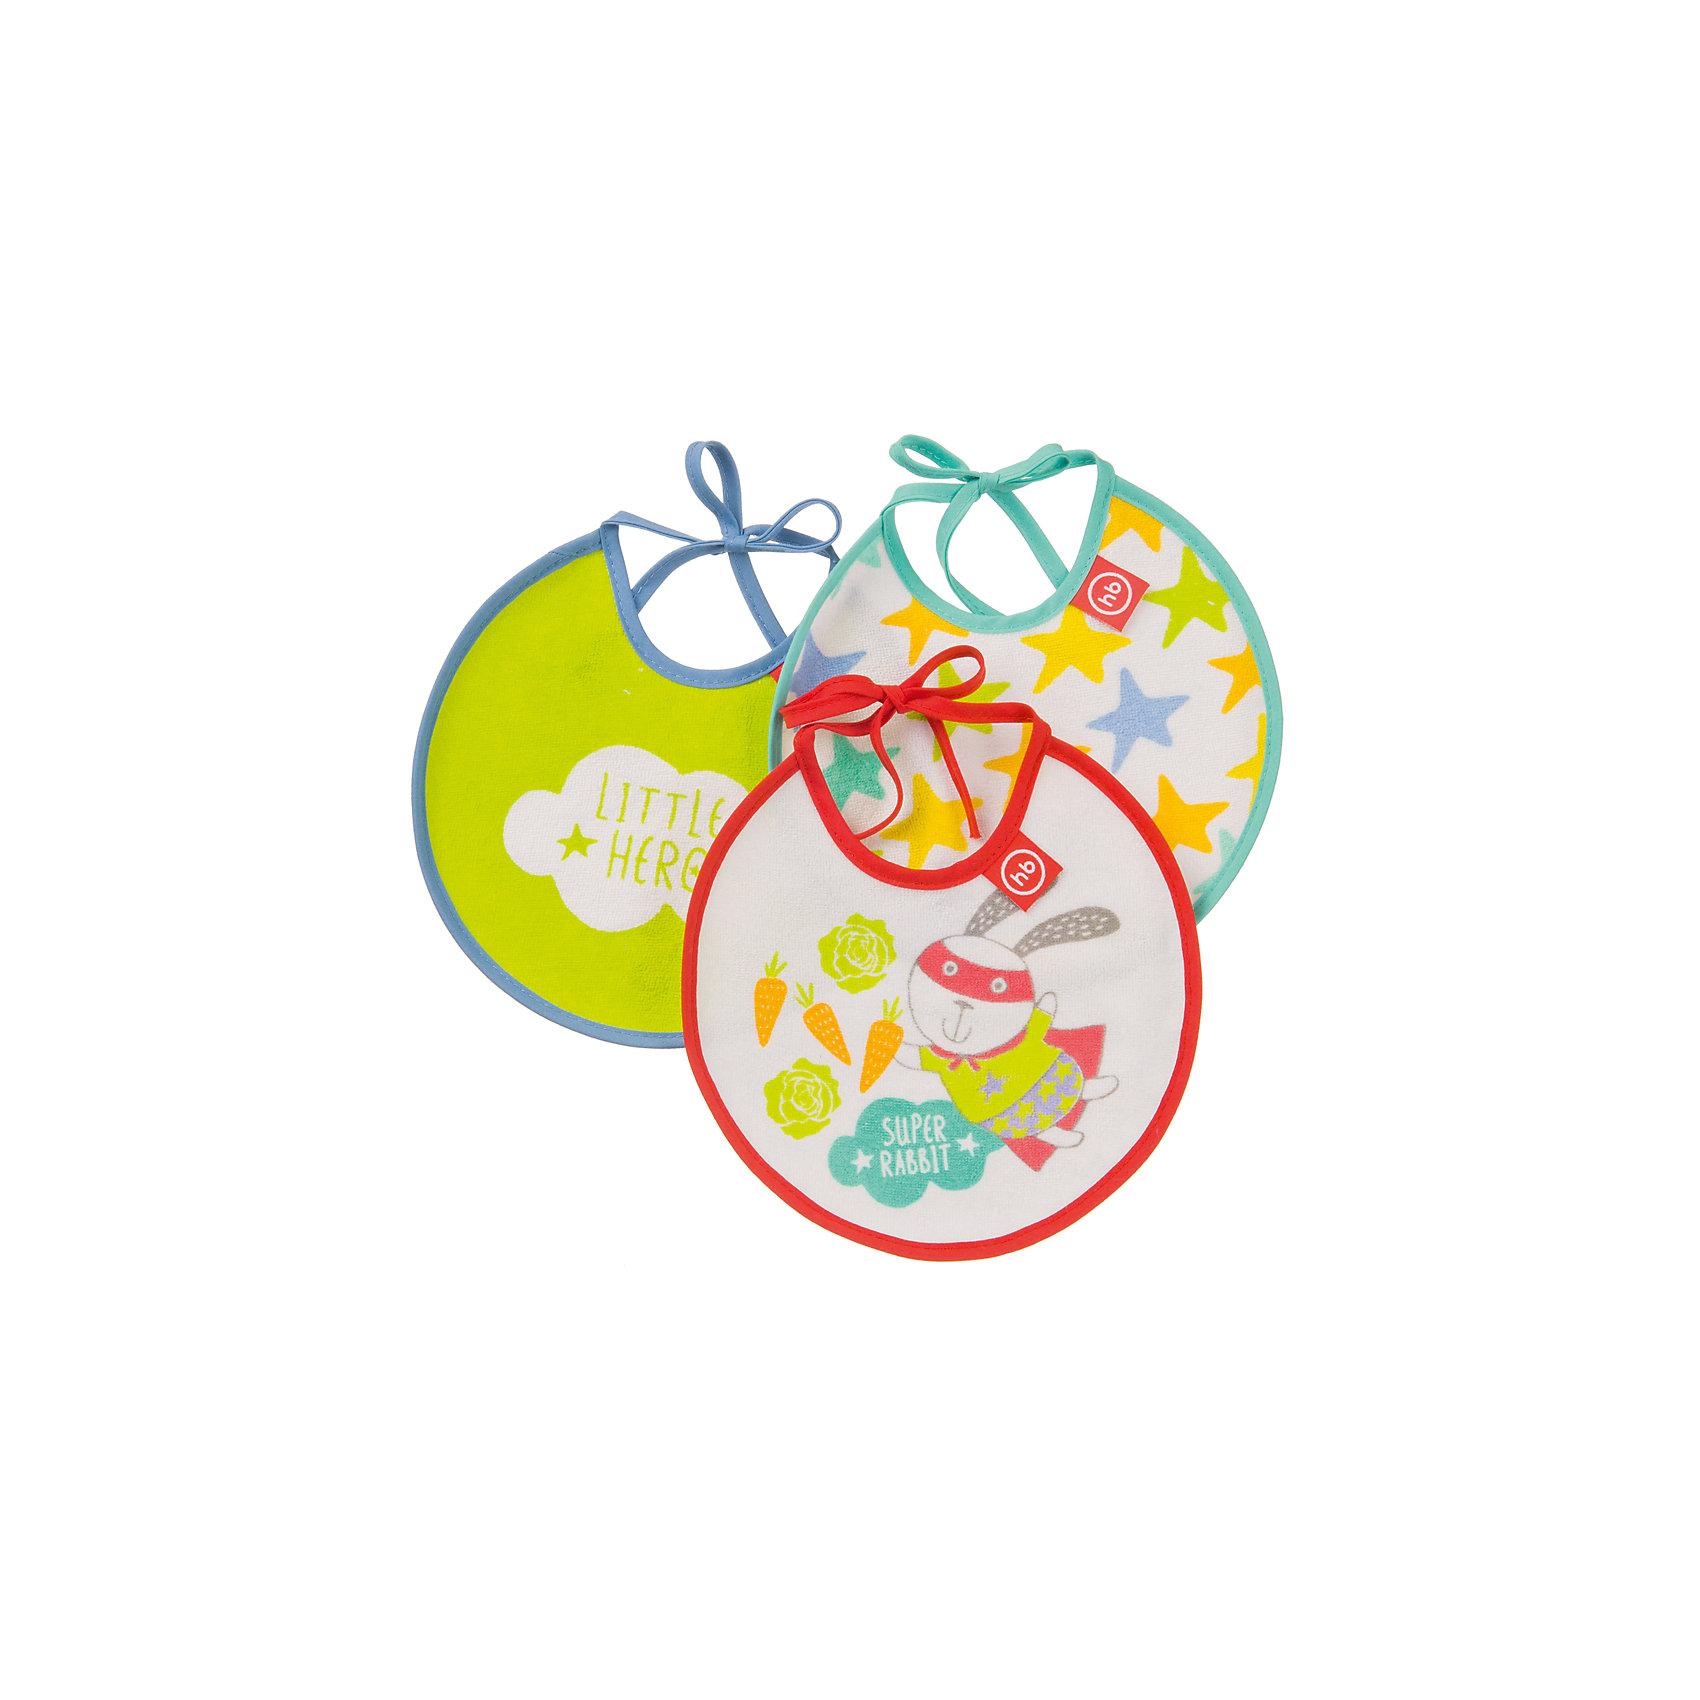 Набор нагрудных фартуков Rabbit, Happy BabyНагрудники и салфетки<br>С раннего возраста ребенок приучается к опрятности и постигает науку культурного принятия пищи. Набор нагрудных фартуков Rabbit, Happy Baby поможет сделать это красиво, окружив малыша соответствующими аксессуарами. Набор нагрудных фартуков Rabbit, Happy Baby подарит малышу хорошее настроение и надежную защиту от загрязнений во время еды. Благодаря небольшому размеру, слюнявчики прекрасно подойдут для самых маленьких малышей.<br><br>Дополнительная информация:<br> <br>- возраст ребенка: от 3 месяцев<br>- материал хлопок<br>- количество в упаковке: 2шт.<br>- размеры фартука:  200 *160   мм<br>- размер упаковки (ДхШхВ): 28 *21 * 0.2 см<br>- комплектация: 2 фартука<br>- вес в упаковке: 45 г<br><br>.Набор нагрудных фартуков Rabbit, Happy Baby можно купить в нашем интернет-магазине.<br><br>Ширина мм: 5<br>Глубина мм: 310<br>Высота мм: 390<br>Вес г: 50<br>Возраст от месяцев: 6<br>Возраст до месяцев: 18<br>Пол: Унисекс<br>Возраст: Детский<br>SKU: 4696839